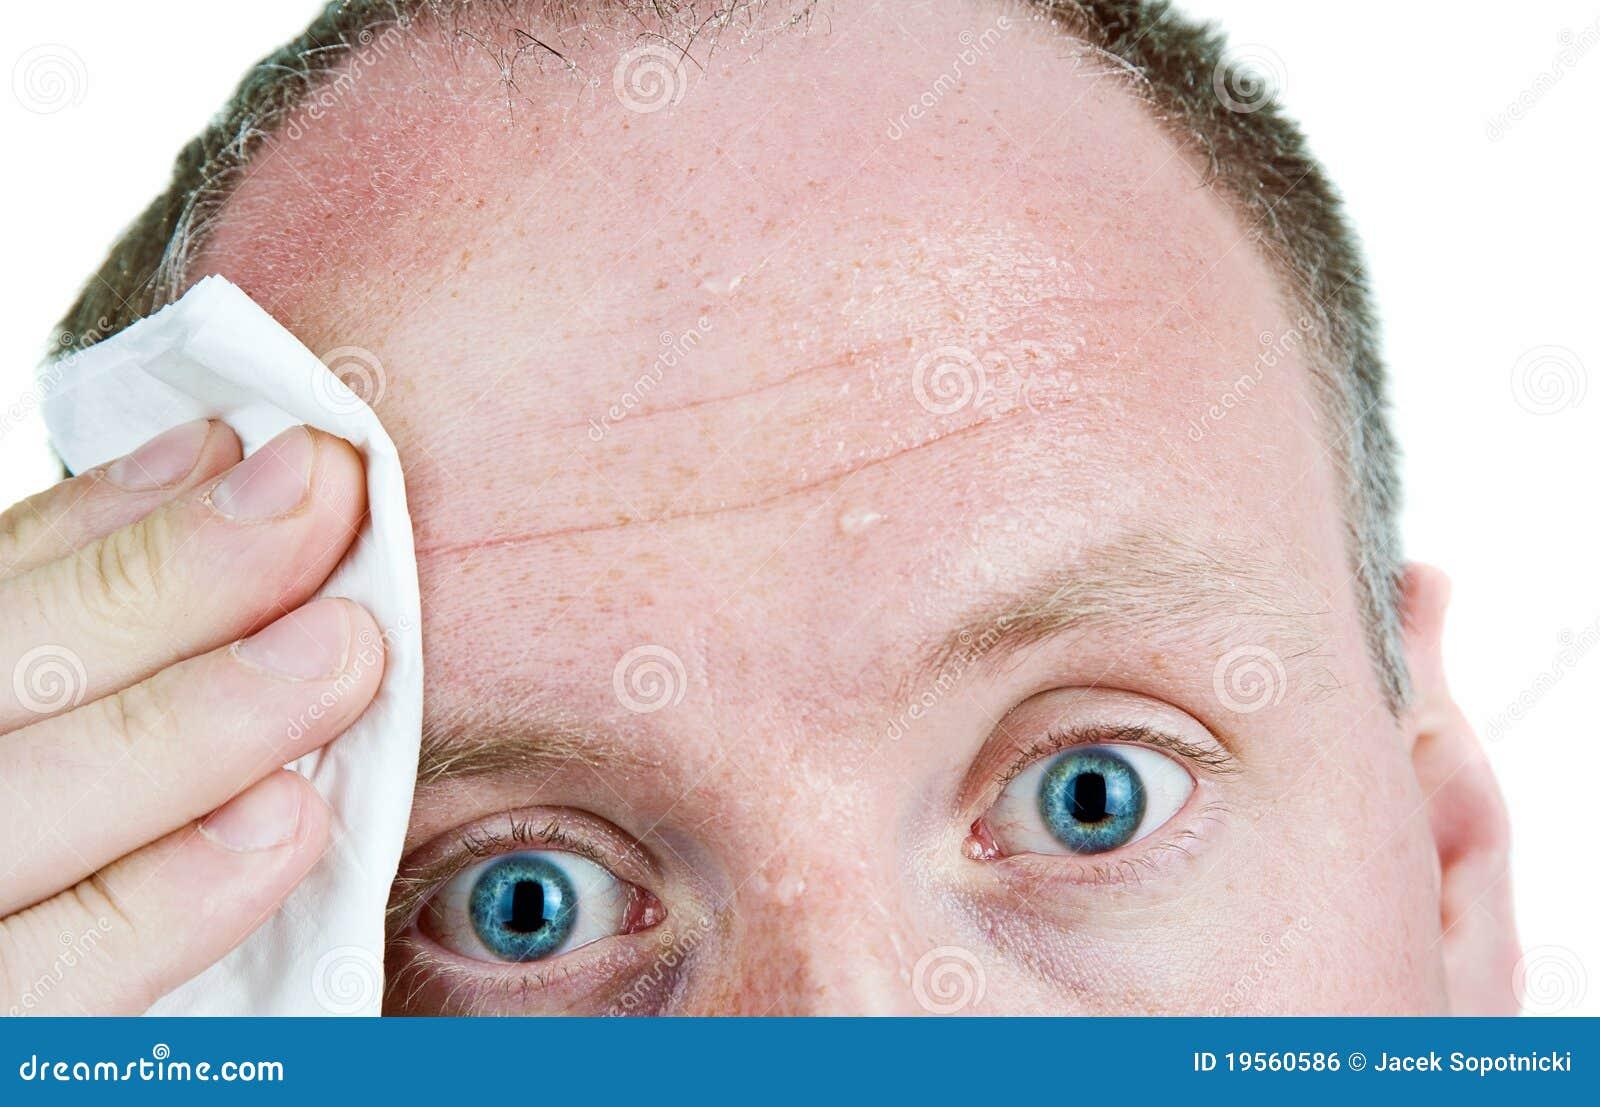 Uomo sudato che usando tessuto